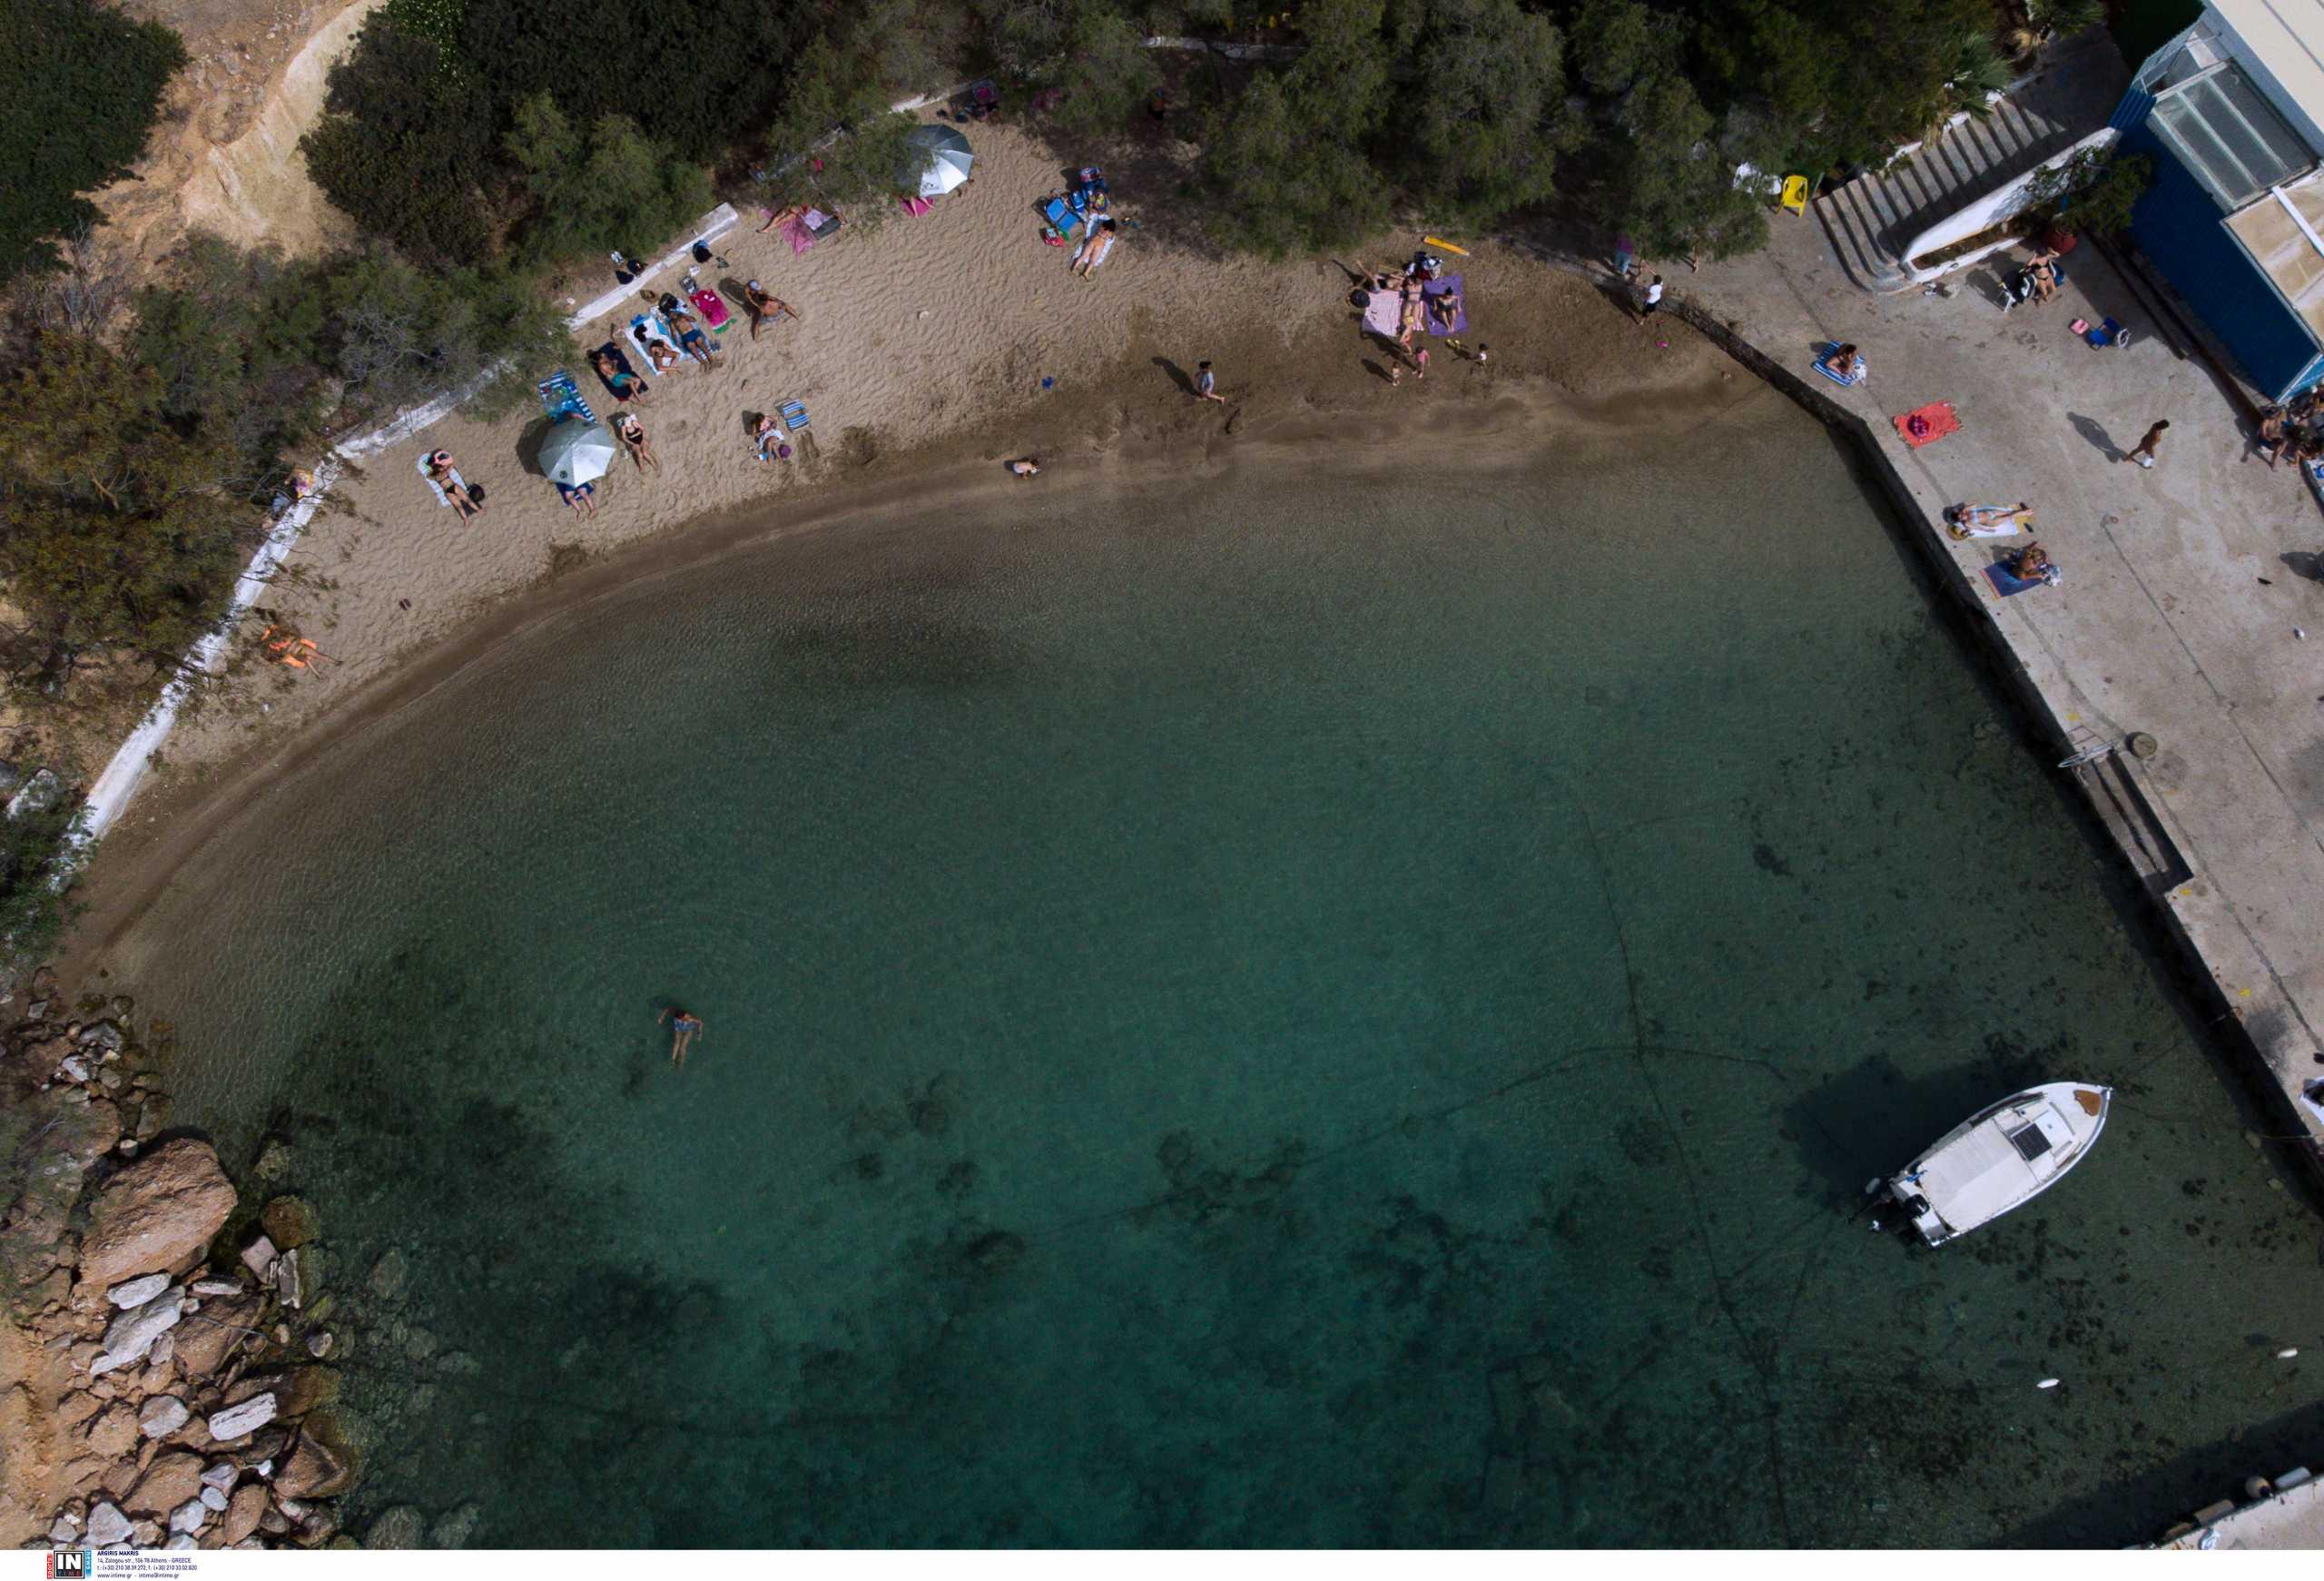 Βουλιαγμένη: Βρέθηκε περίστροφο στα βράχια της παραλίας